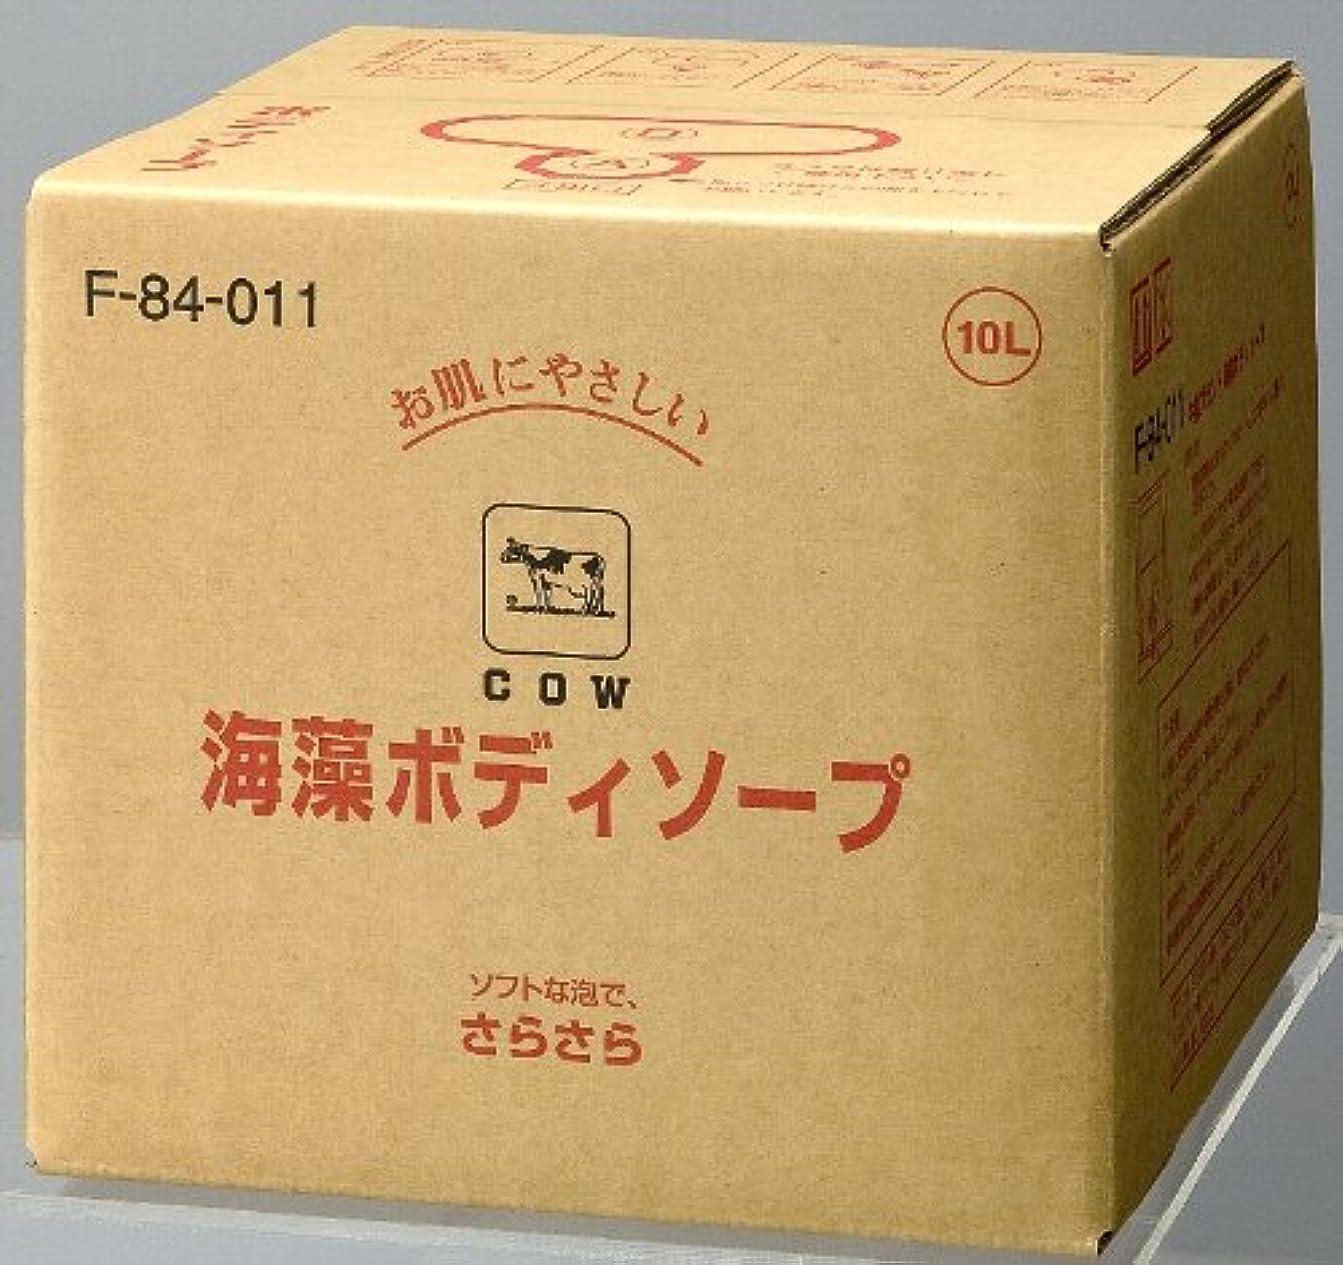 法的にもかかわらず届ける【業務用】カウブランド海藻ボディソープ 10L